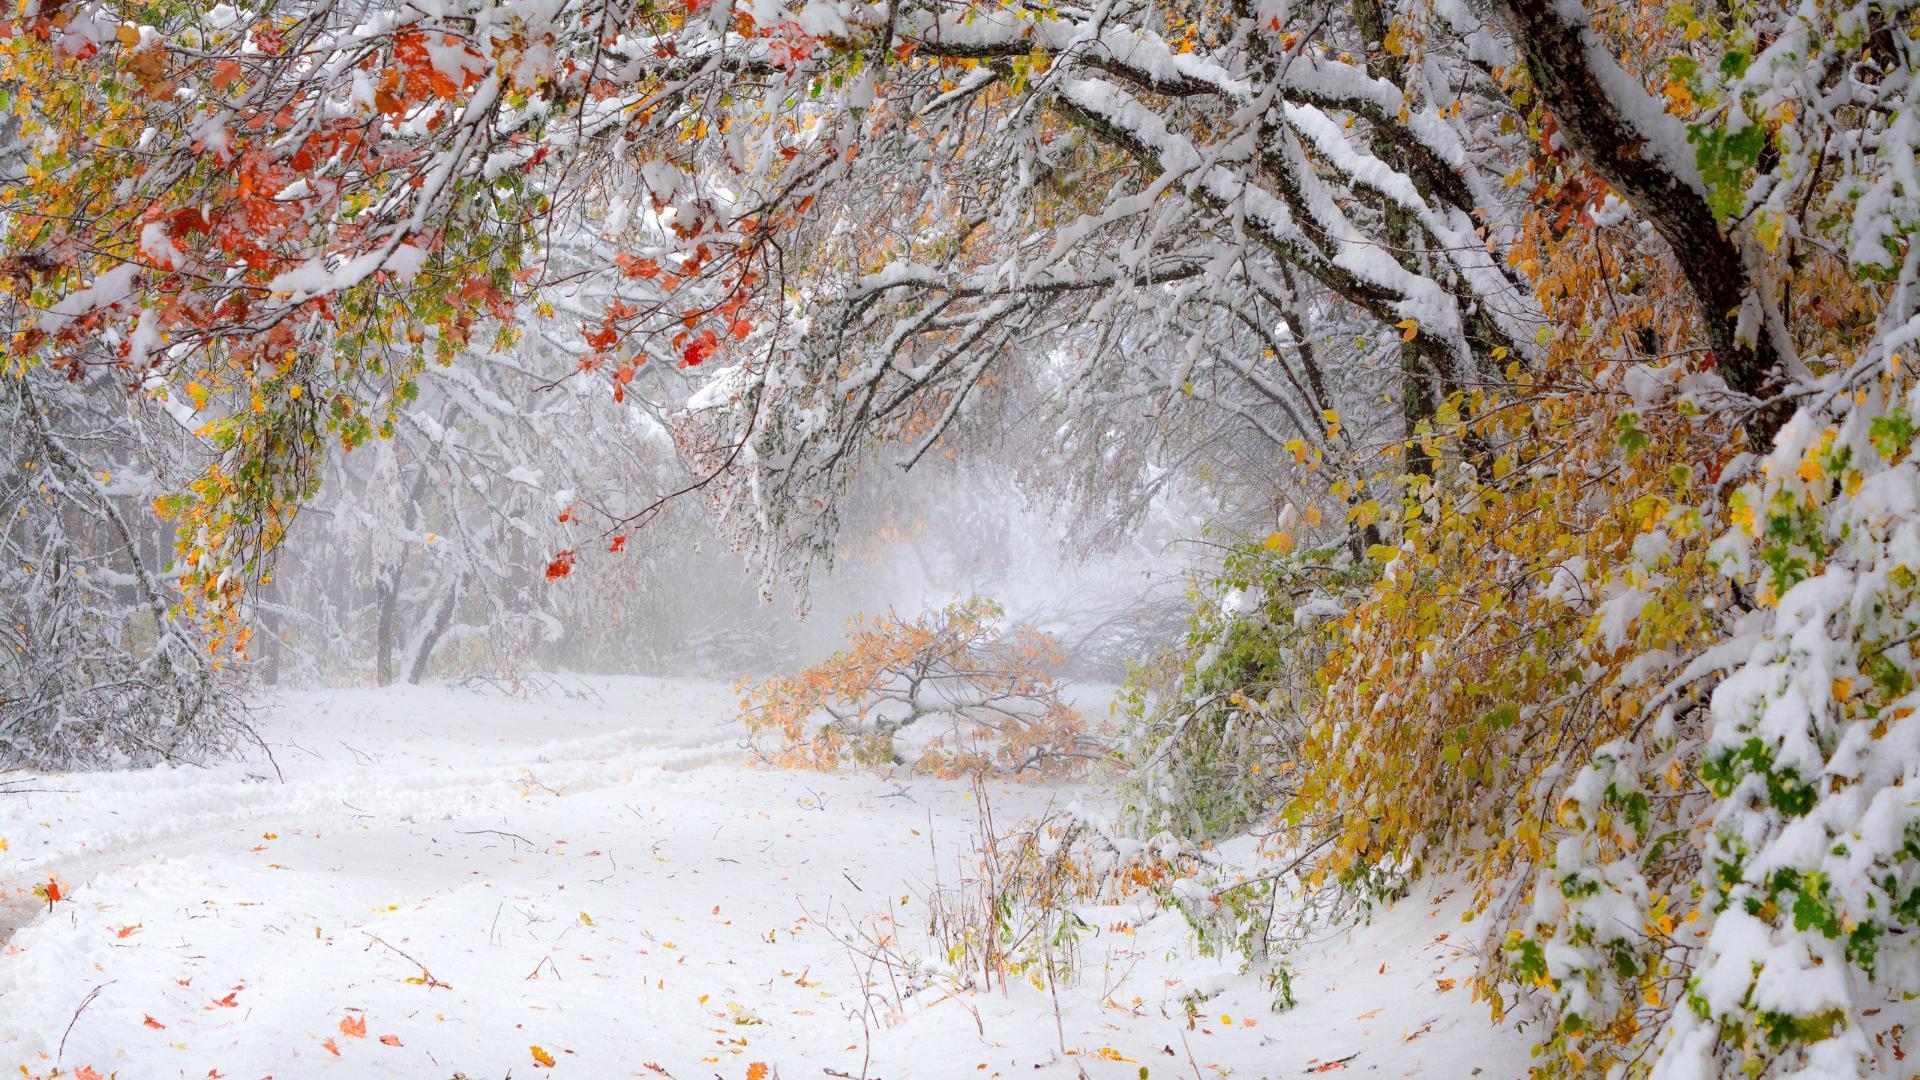 того, картинки первый снег и осень болезнь долго